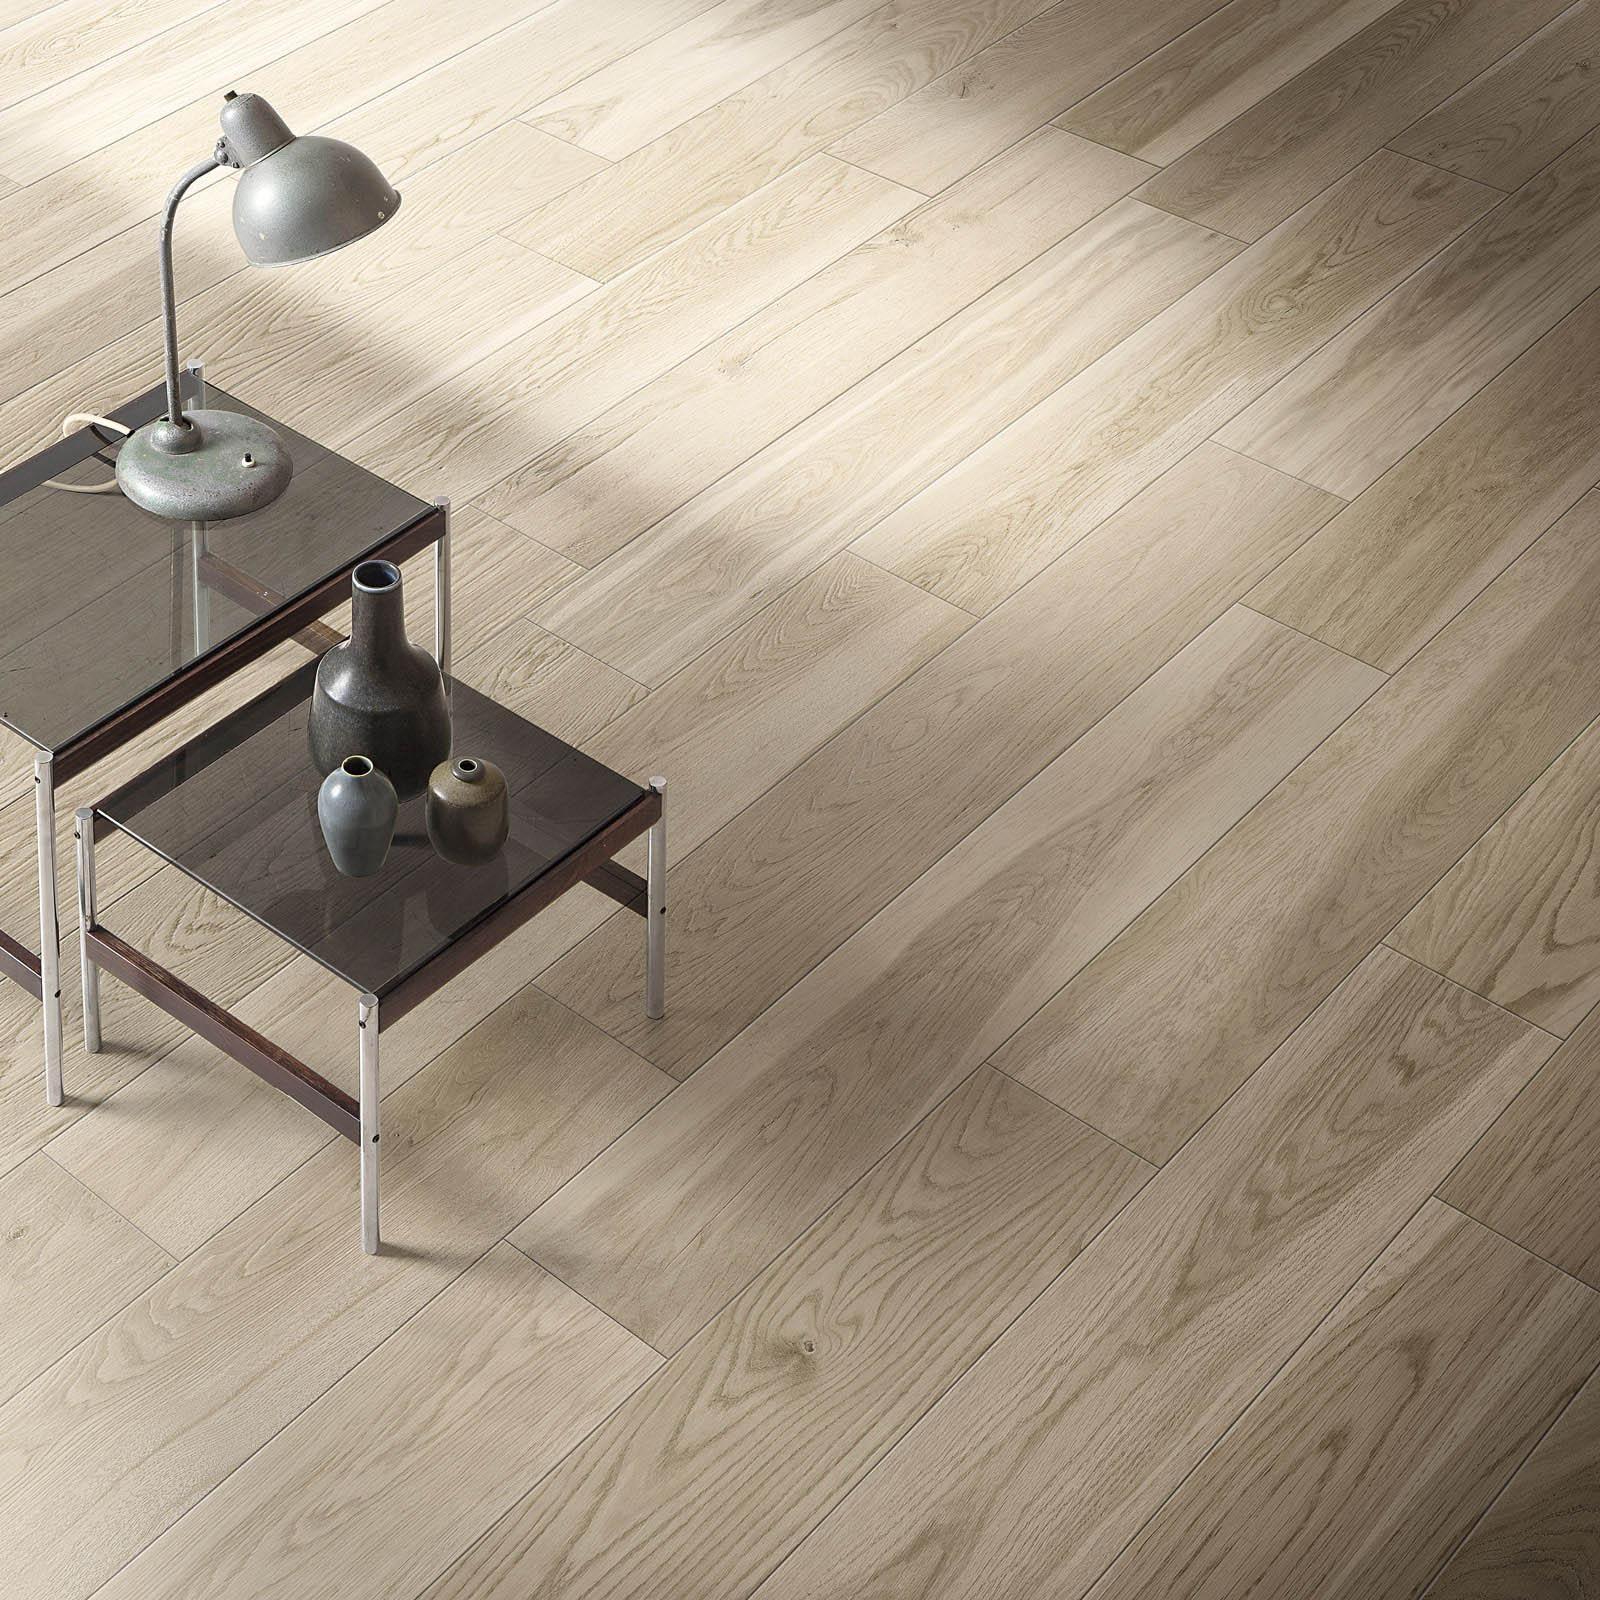 Treverkmore Wood Effect Living Room